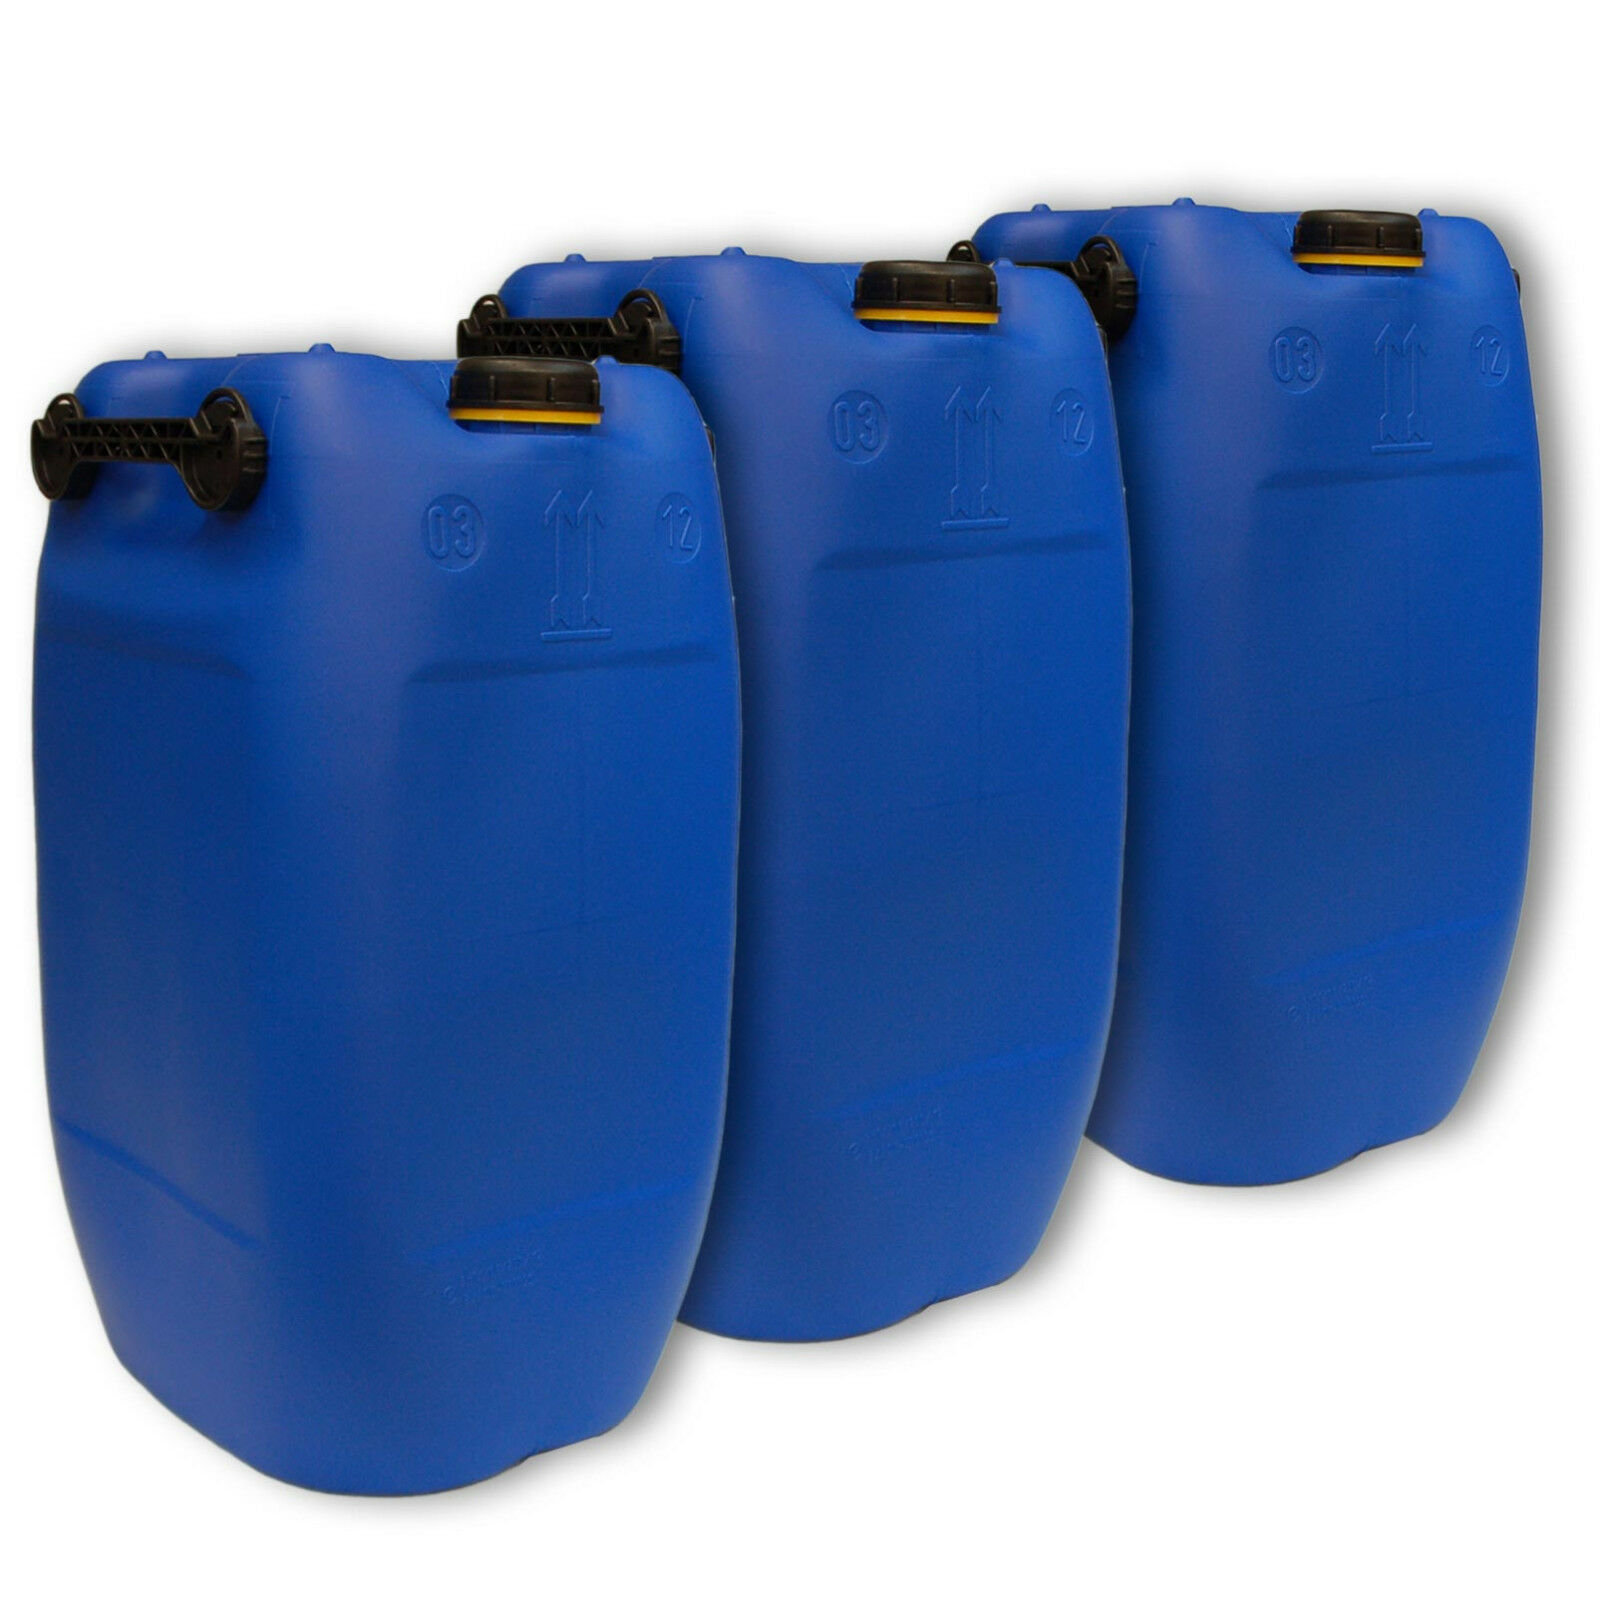 Lot van 3 blauw blikken 60 L DIN71 1 accessoire, tapgoot flexibel, 3 handgrepen